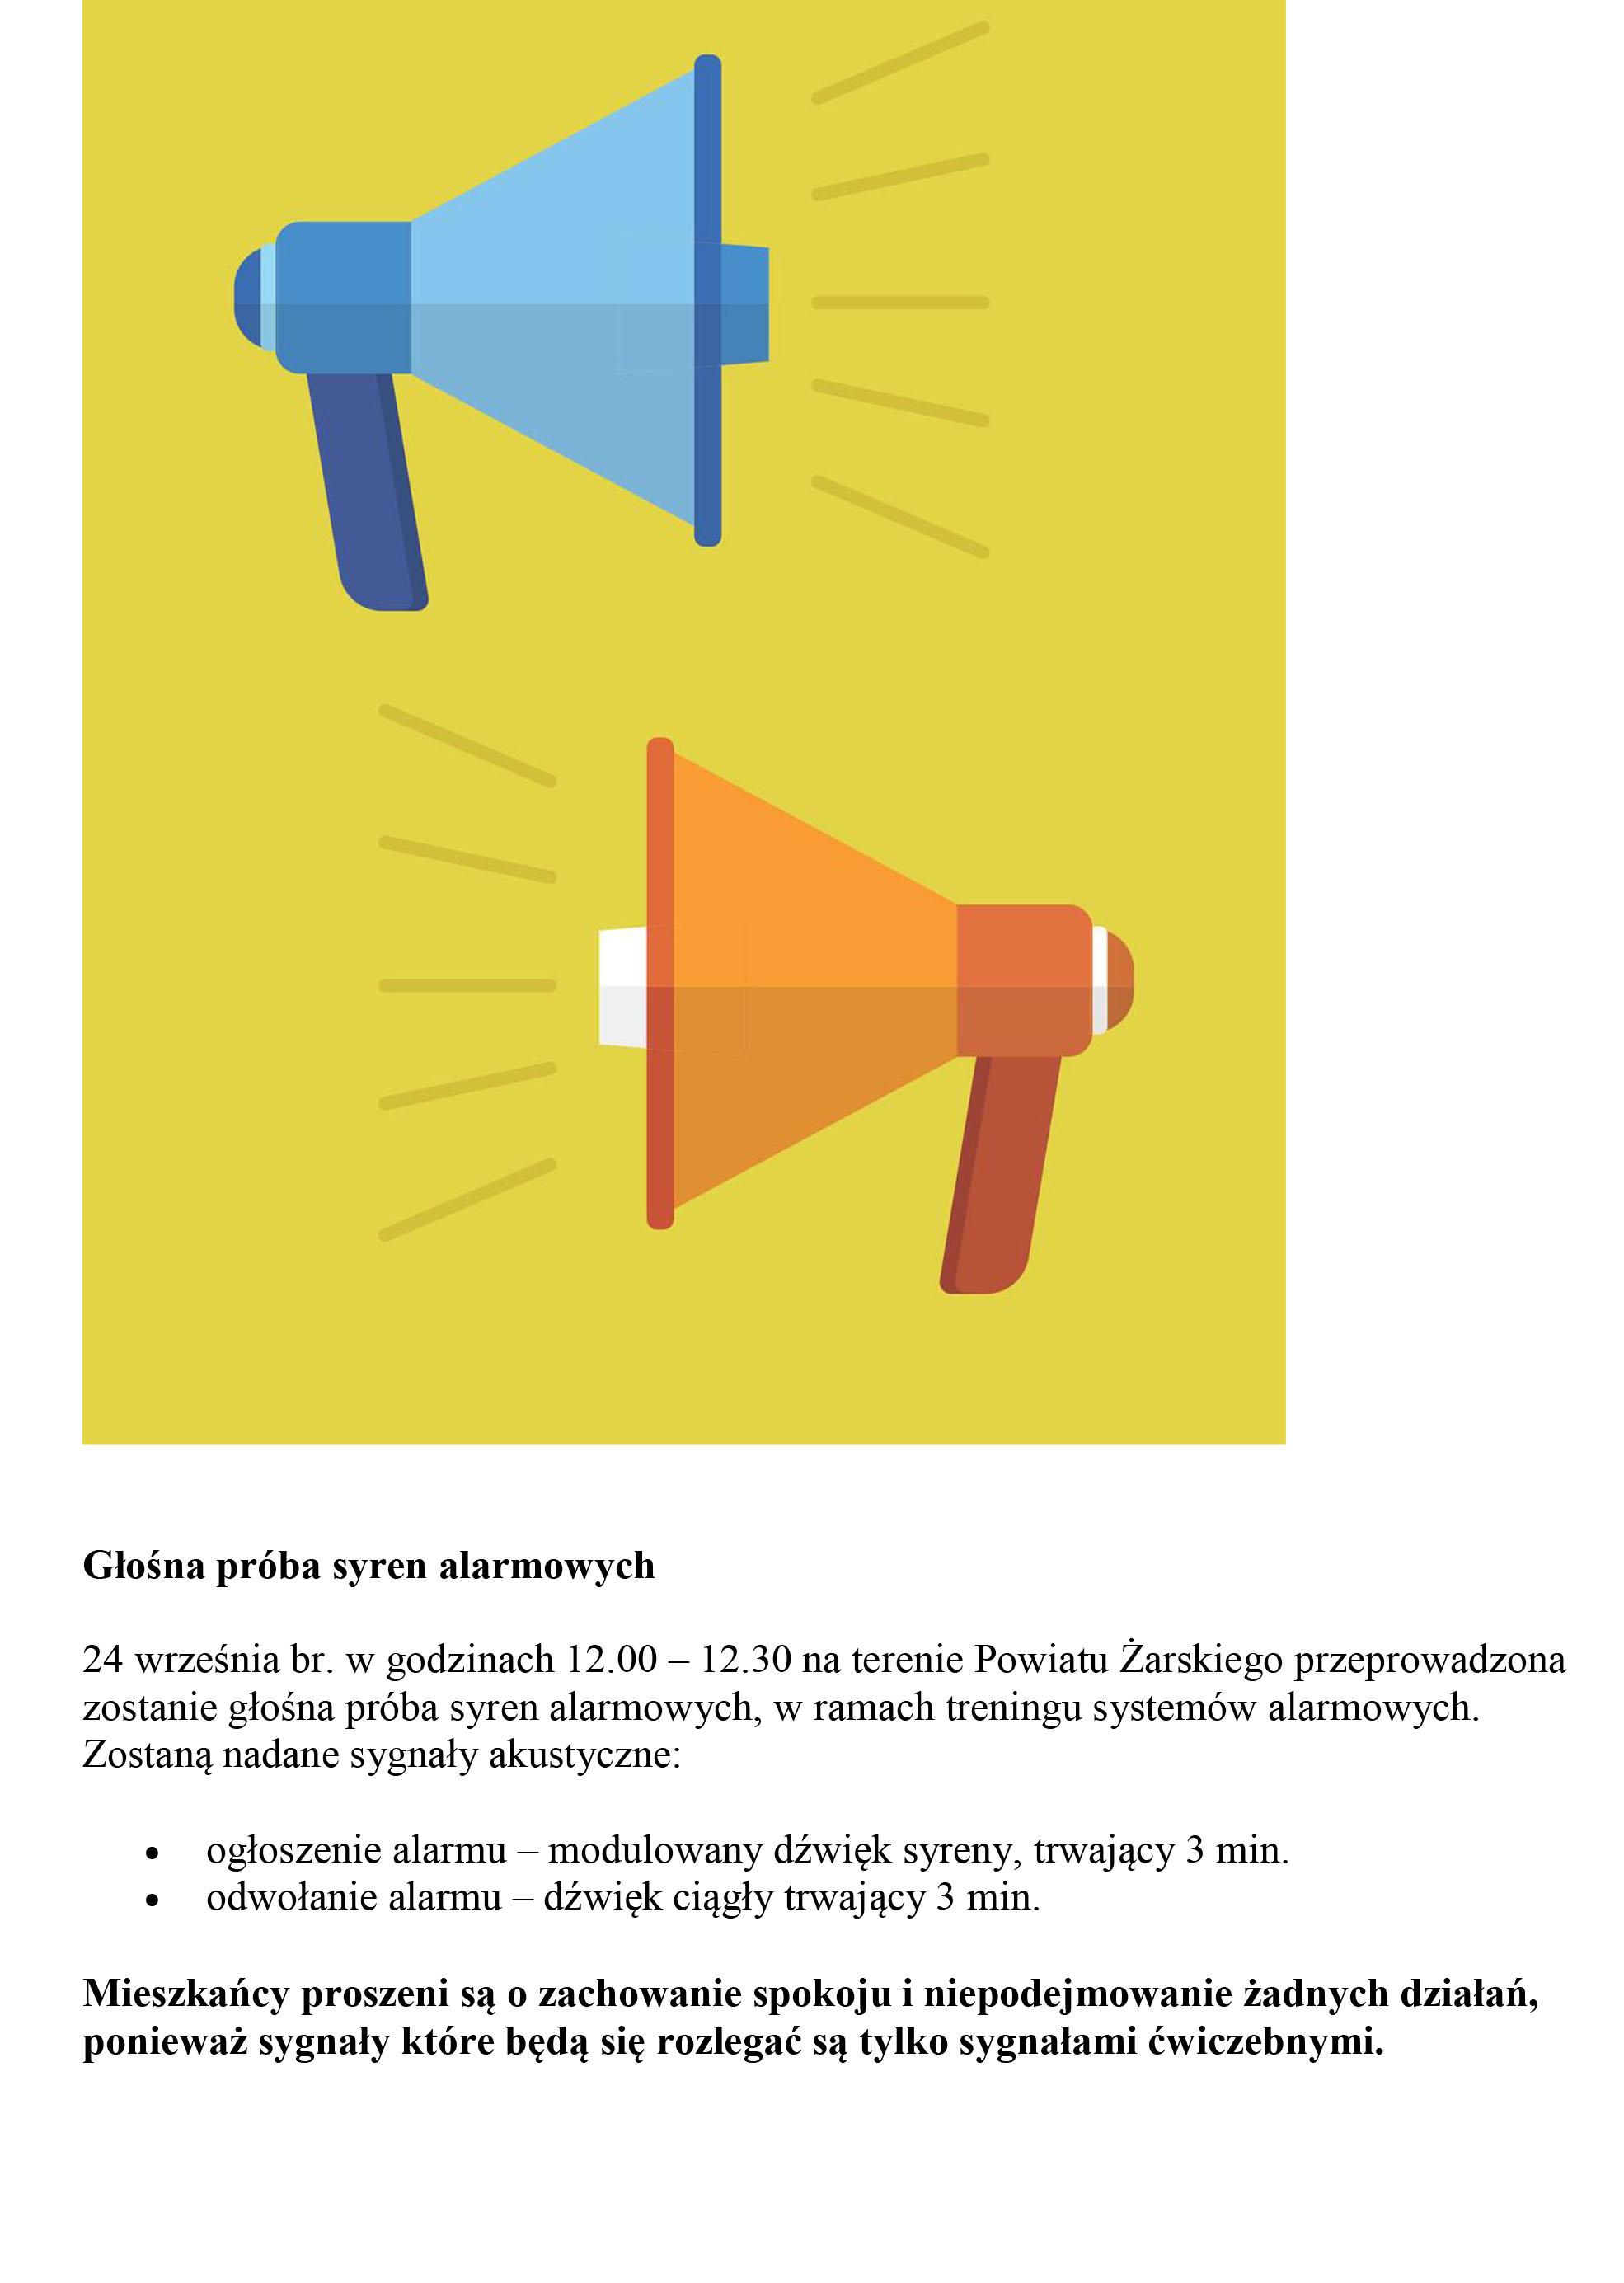 Ilustracja do informacji: Głośna próba syren